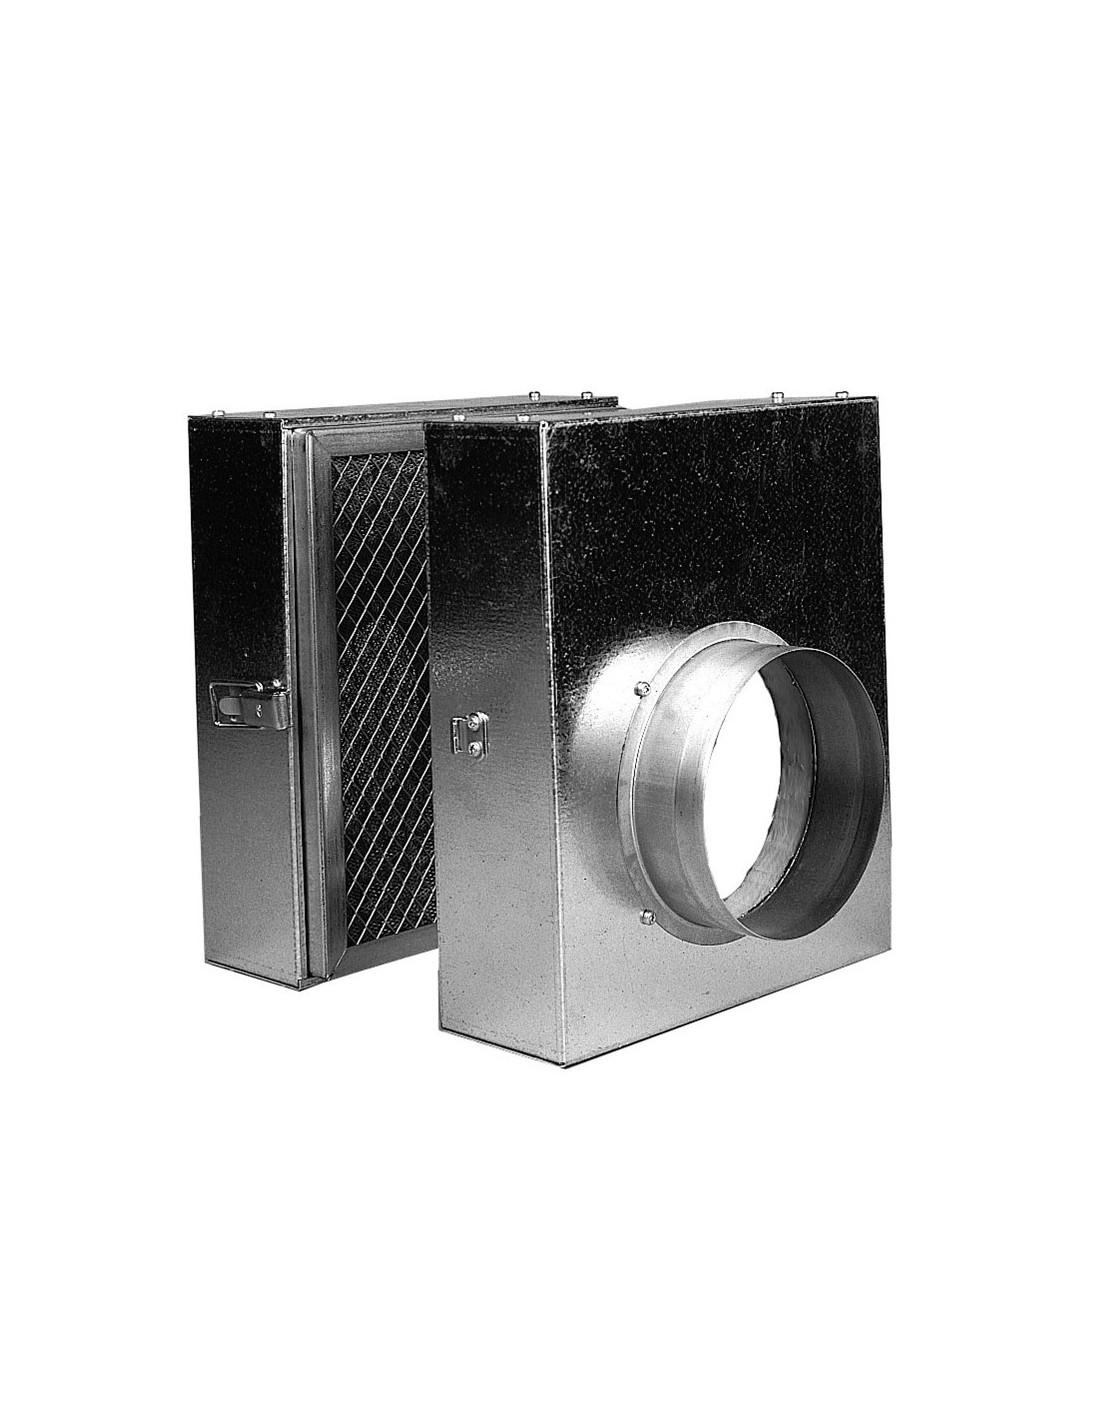 Caisson filtre 160 difuzair pour r cup rateur air chaud - Recuperateur de chaleur pour cheminee ...